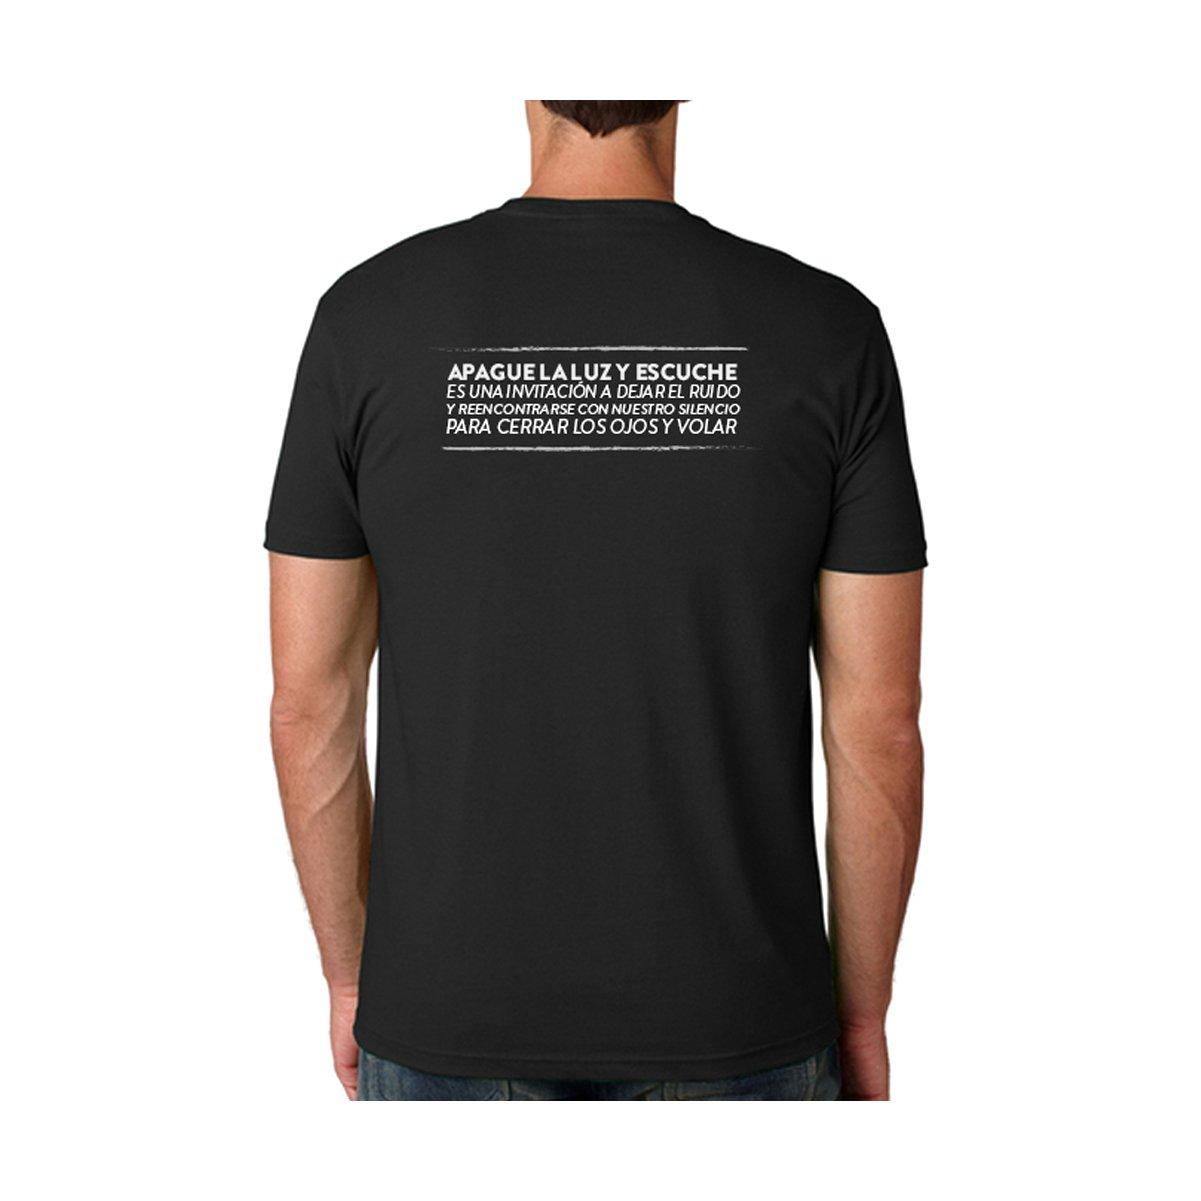 Amazon.com: Ricardo Arjona Official Merch Mens T-Shirt Su MENESTER Camiseta de Hombre: Clothing